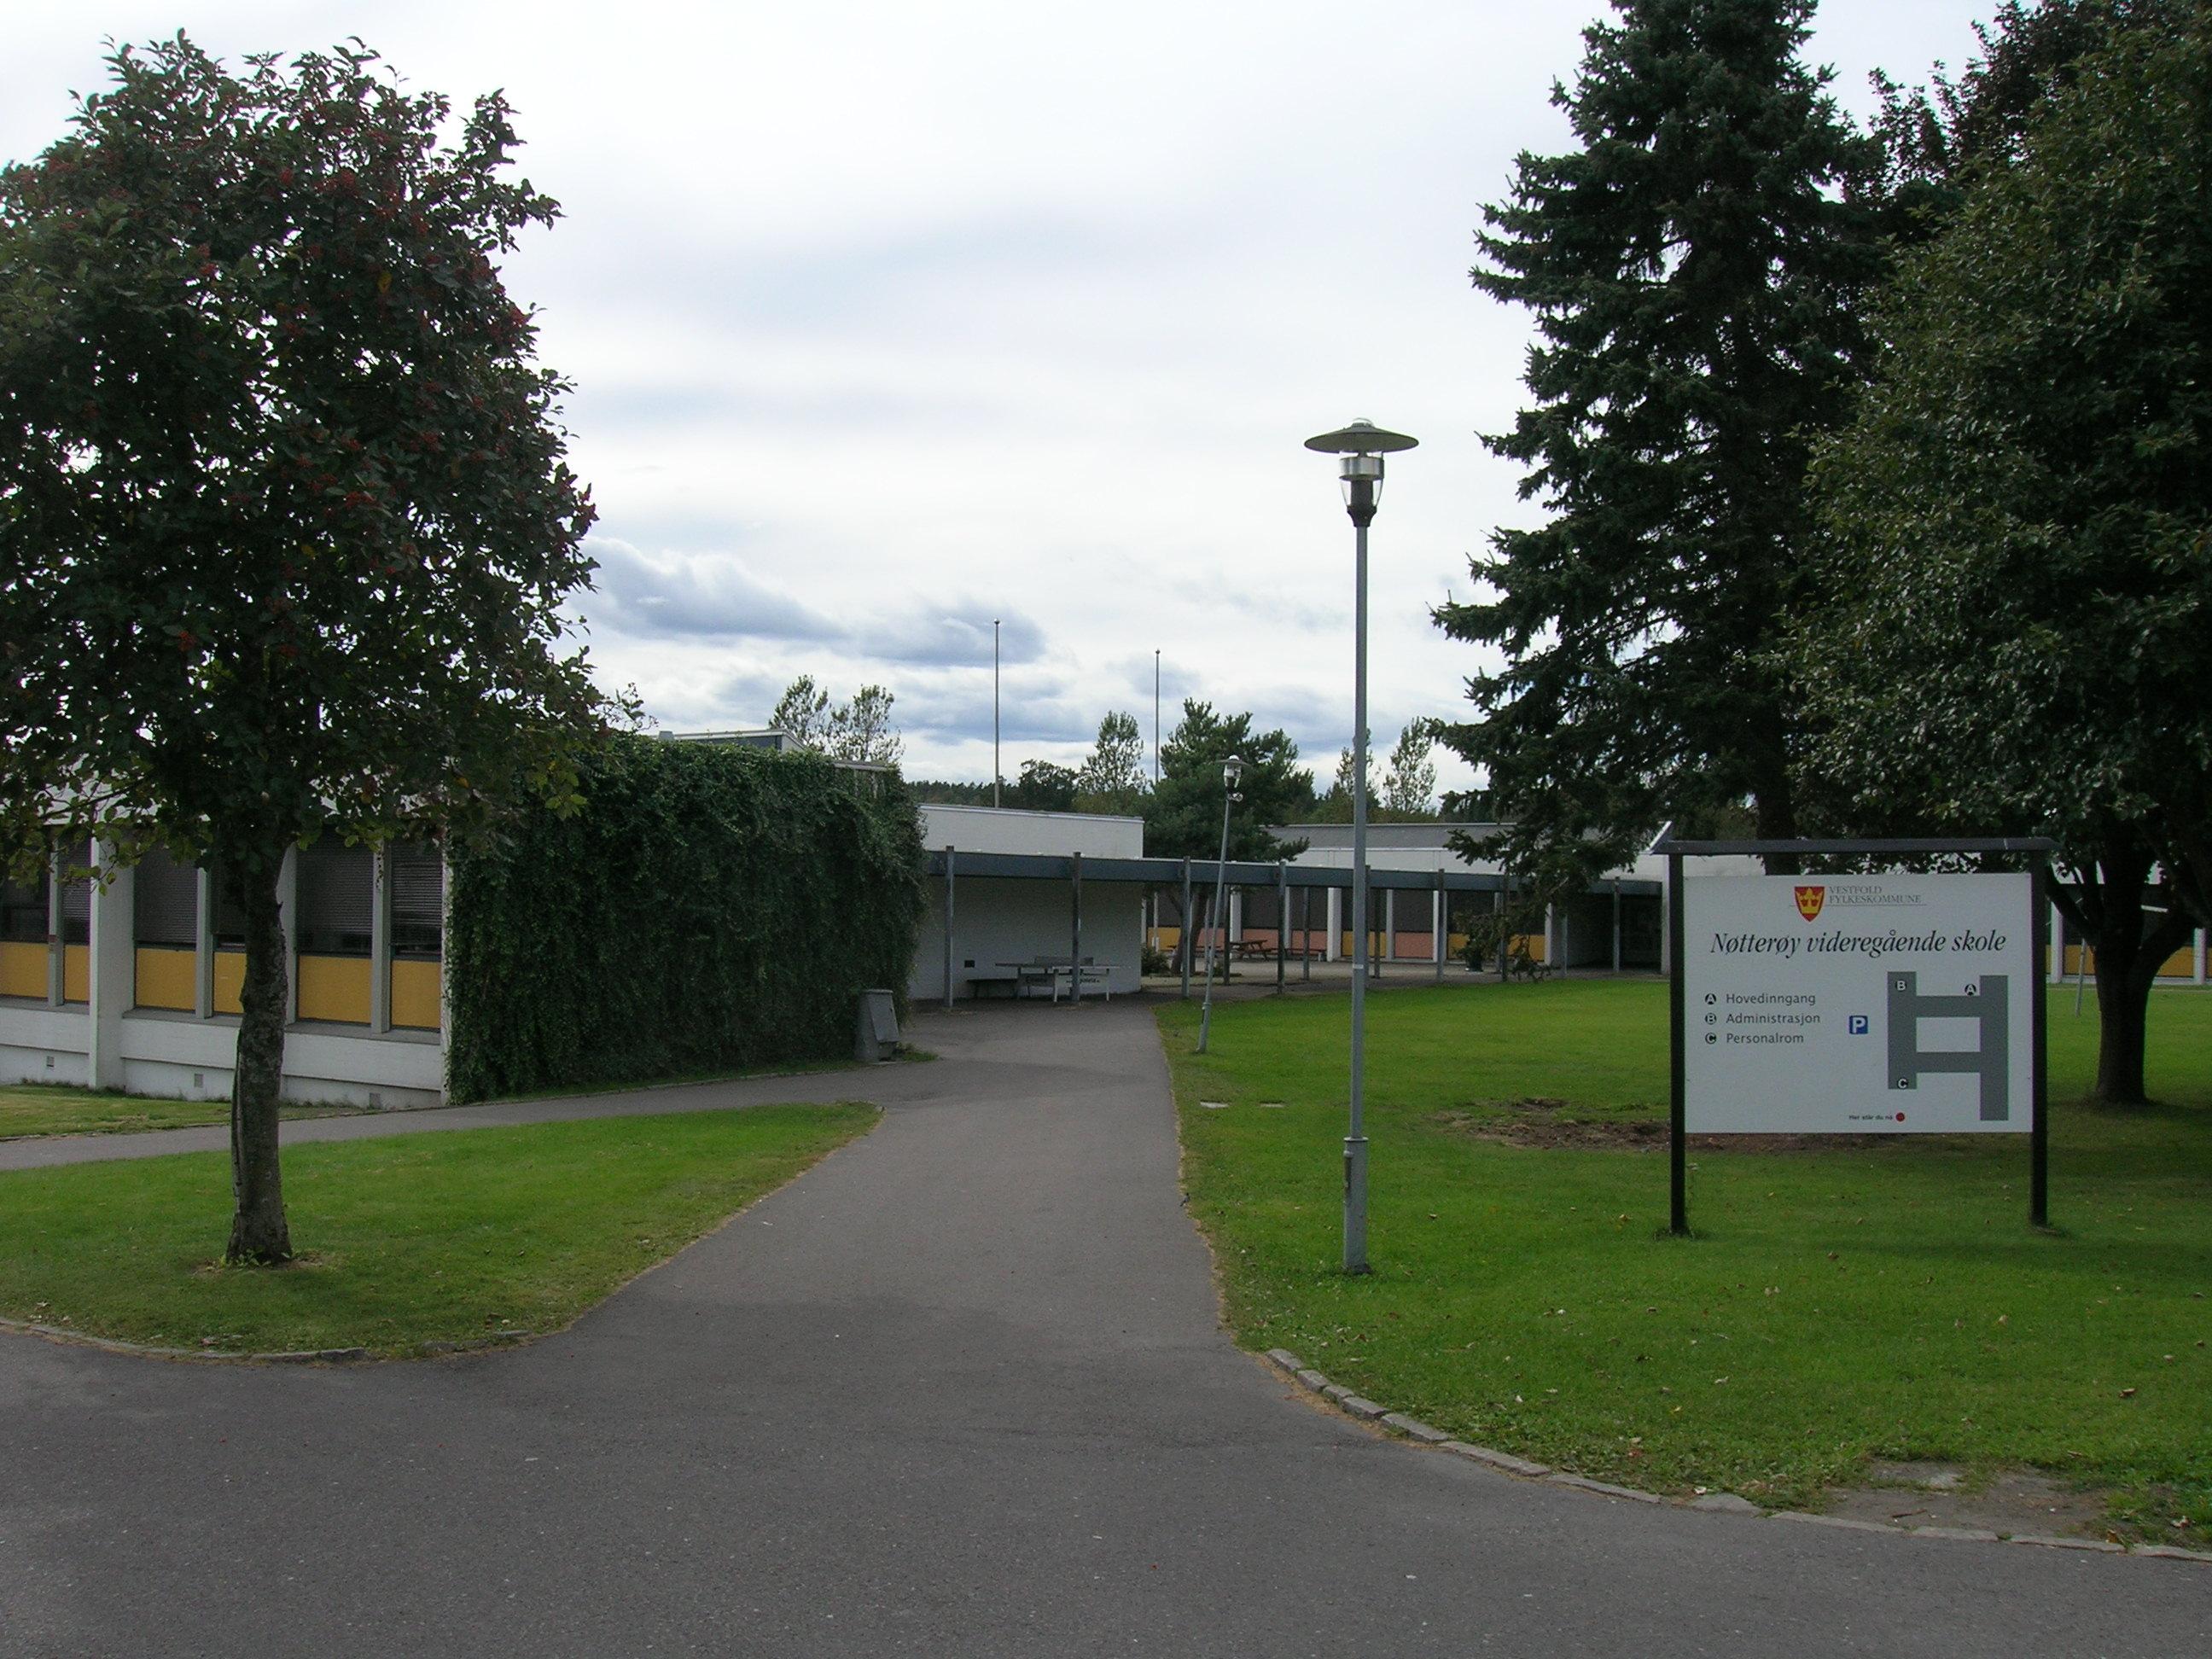 nøtterøy videregående skole